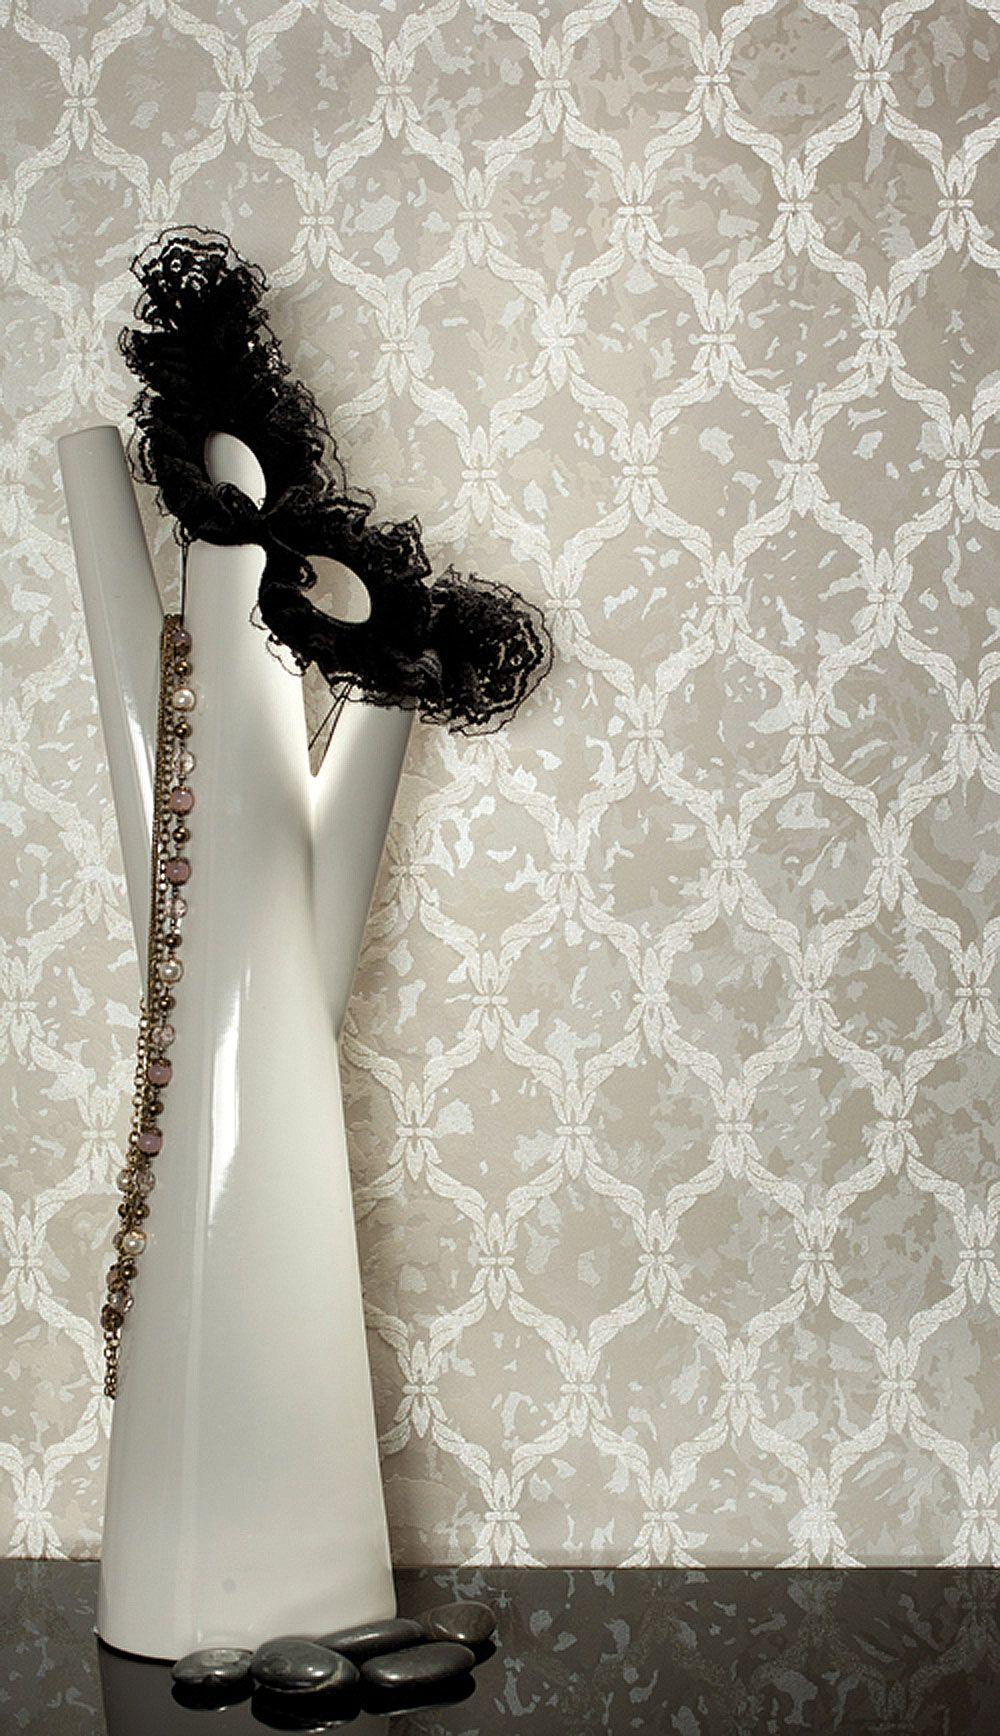 Luxustapete Stil Wall-silk Iv Muster Barock Tapete Grau Weiss ... Grau Weiss Beige